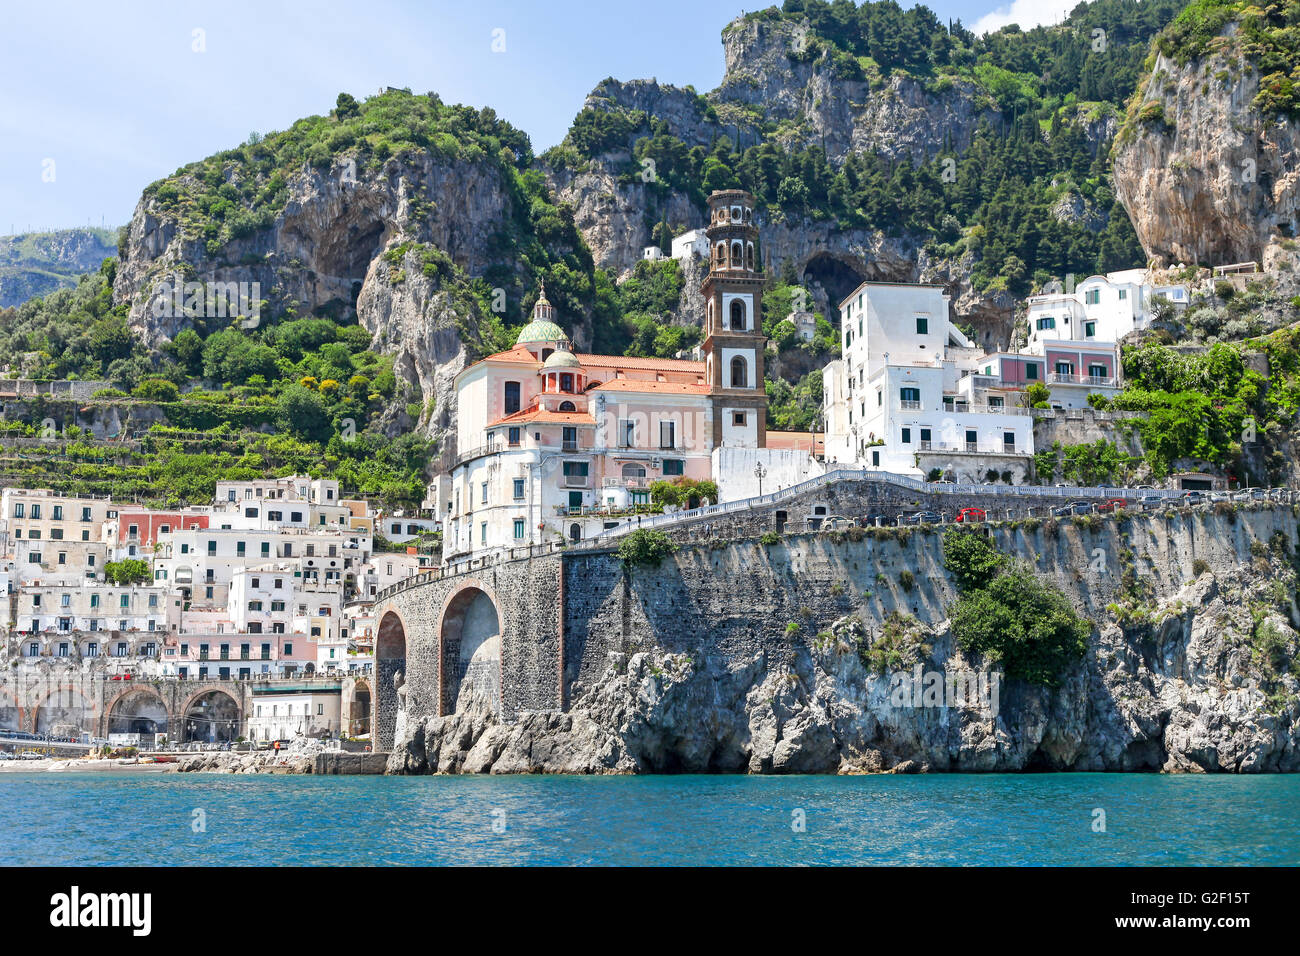 Vista de las casas de colores brillantes sobre la ladera de un viaje en barco alrededor de la costa de Amalfi Italia Imagen De Stock